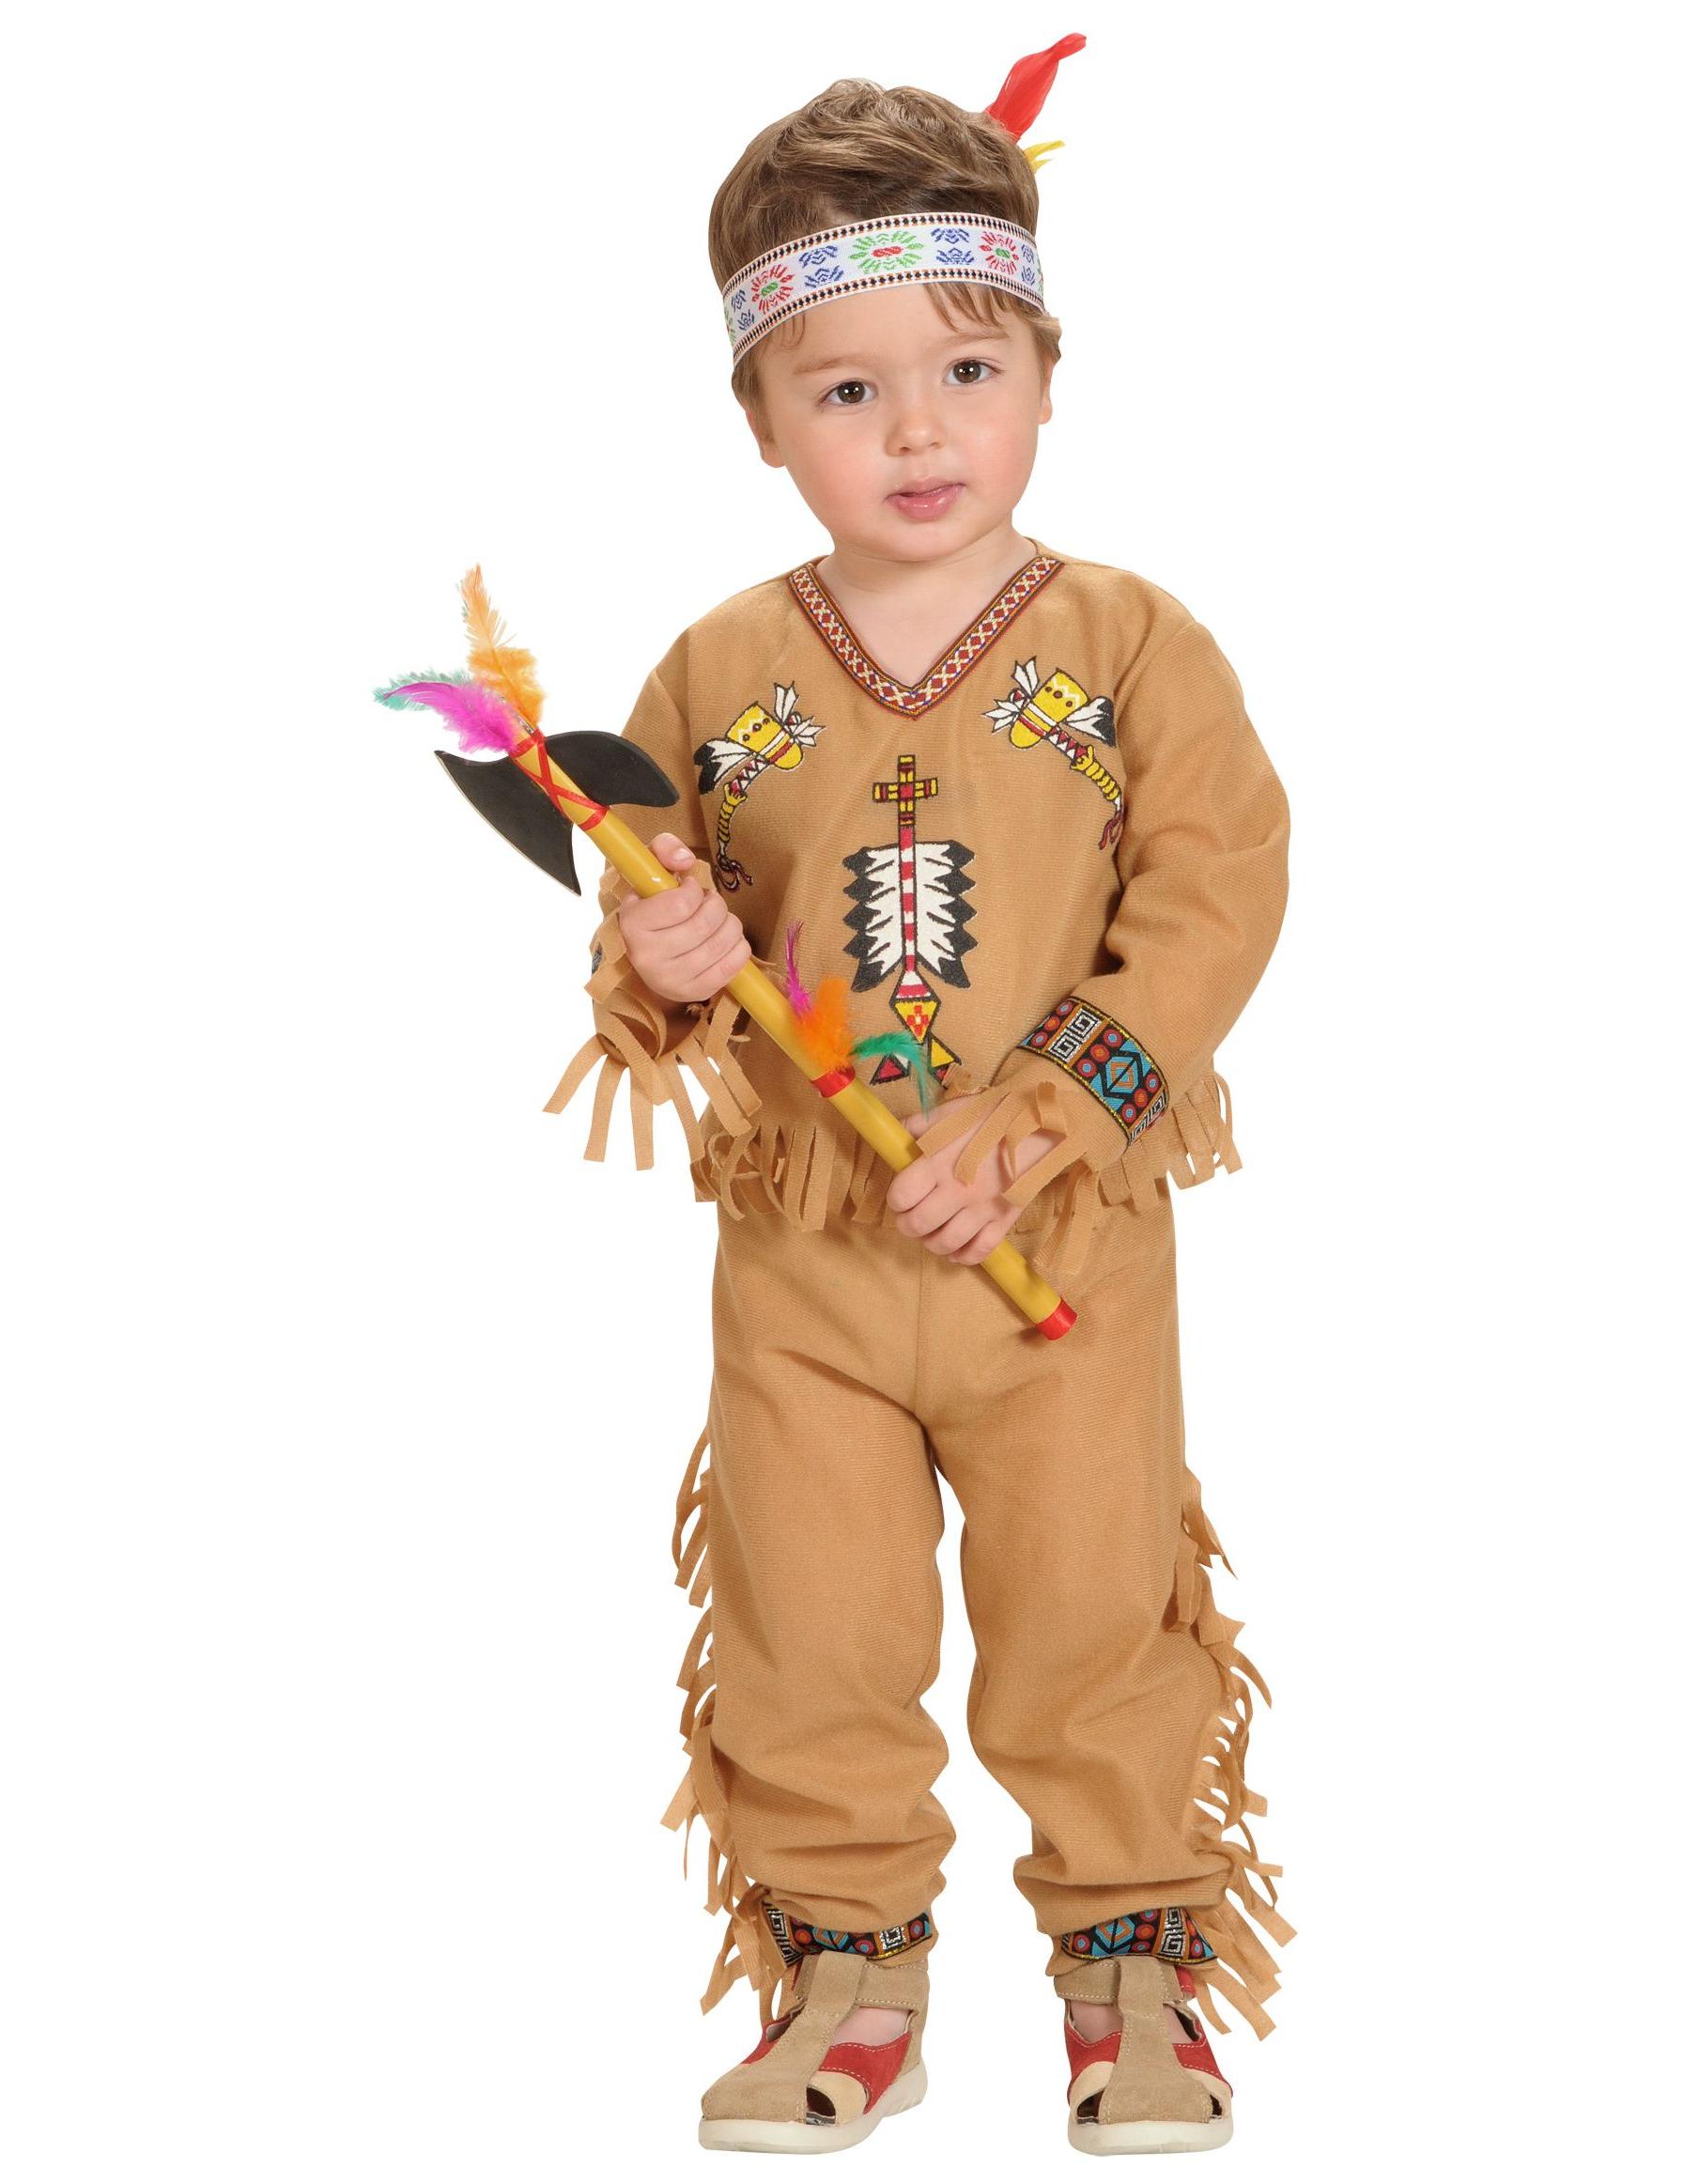 da743cf66a94 Costume da indiano neonato: Costumi bambini,e vestiti di carnevale ...